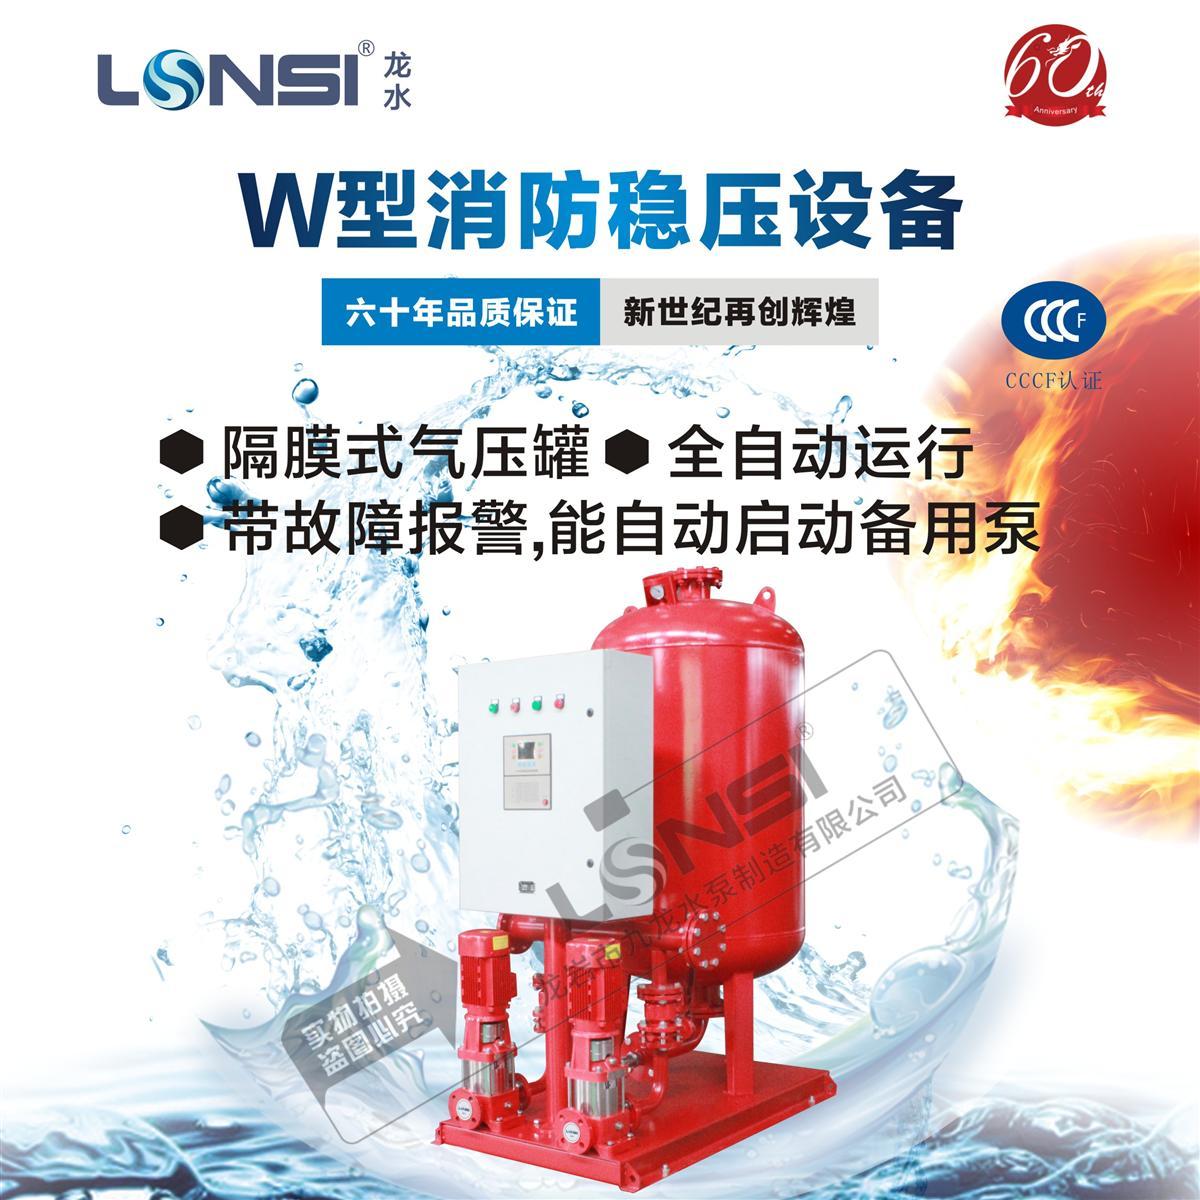 直销LONSI/龙水牌W型双电源带巡检功能消防稳压增压供水给水设备